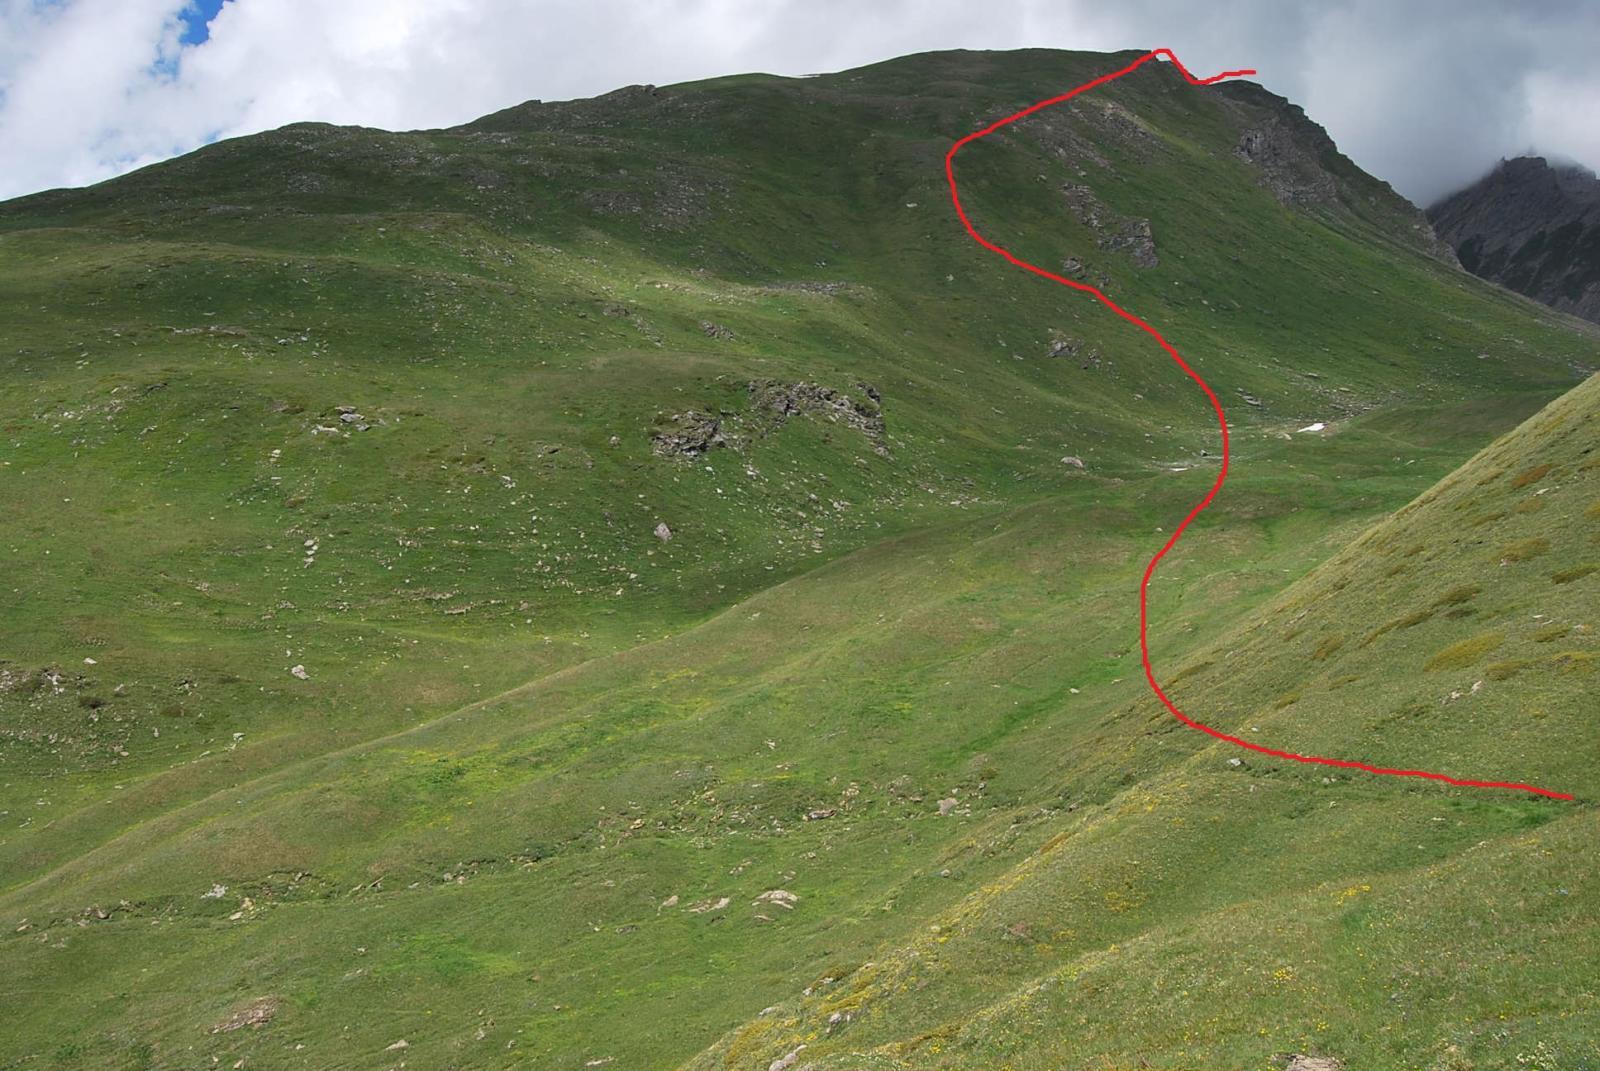 Il valloncello di partenza, l'anticima e la cima viste dal punto di abbandono del sentiero, con la via di salita.